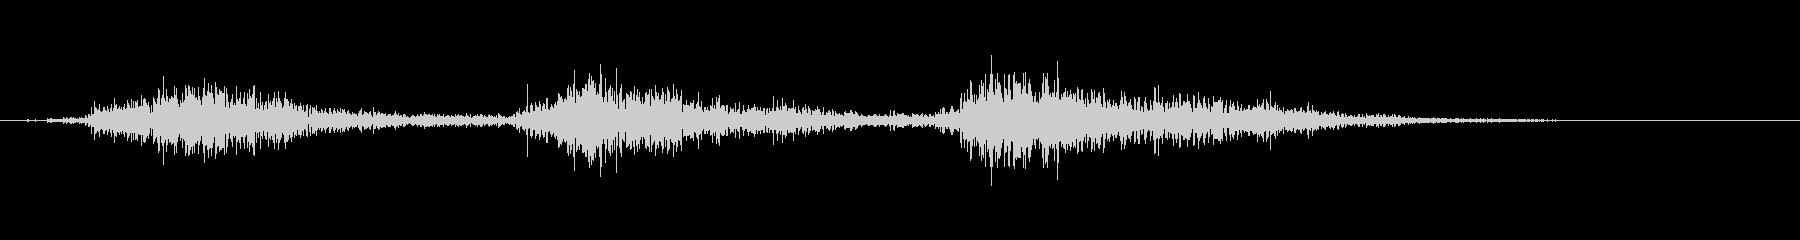 スプリングドラム-スモール、シェイ...の未再生の波形